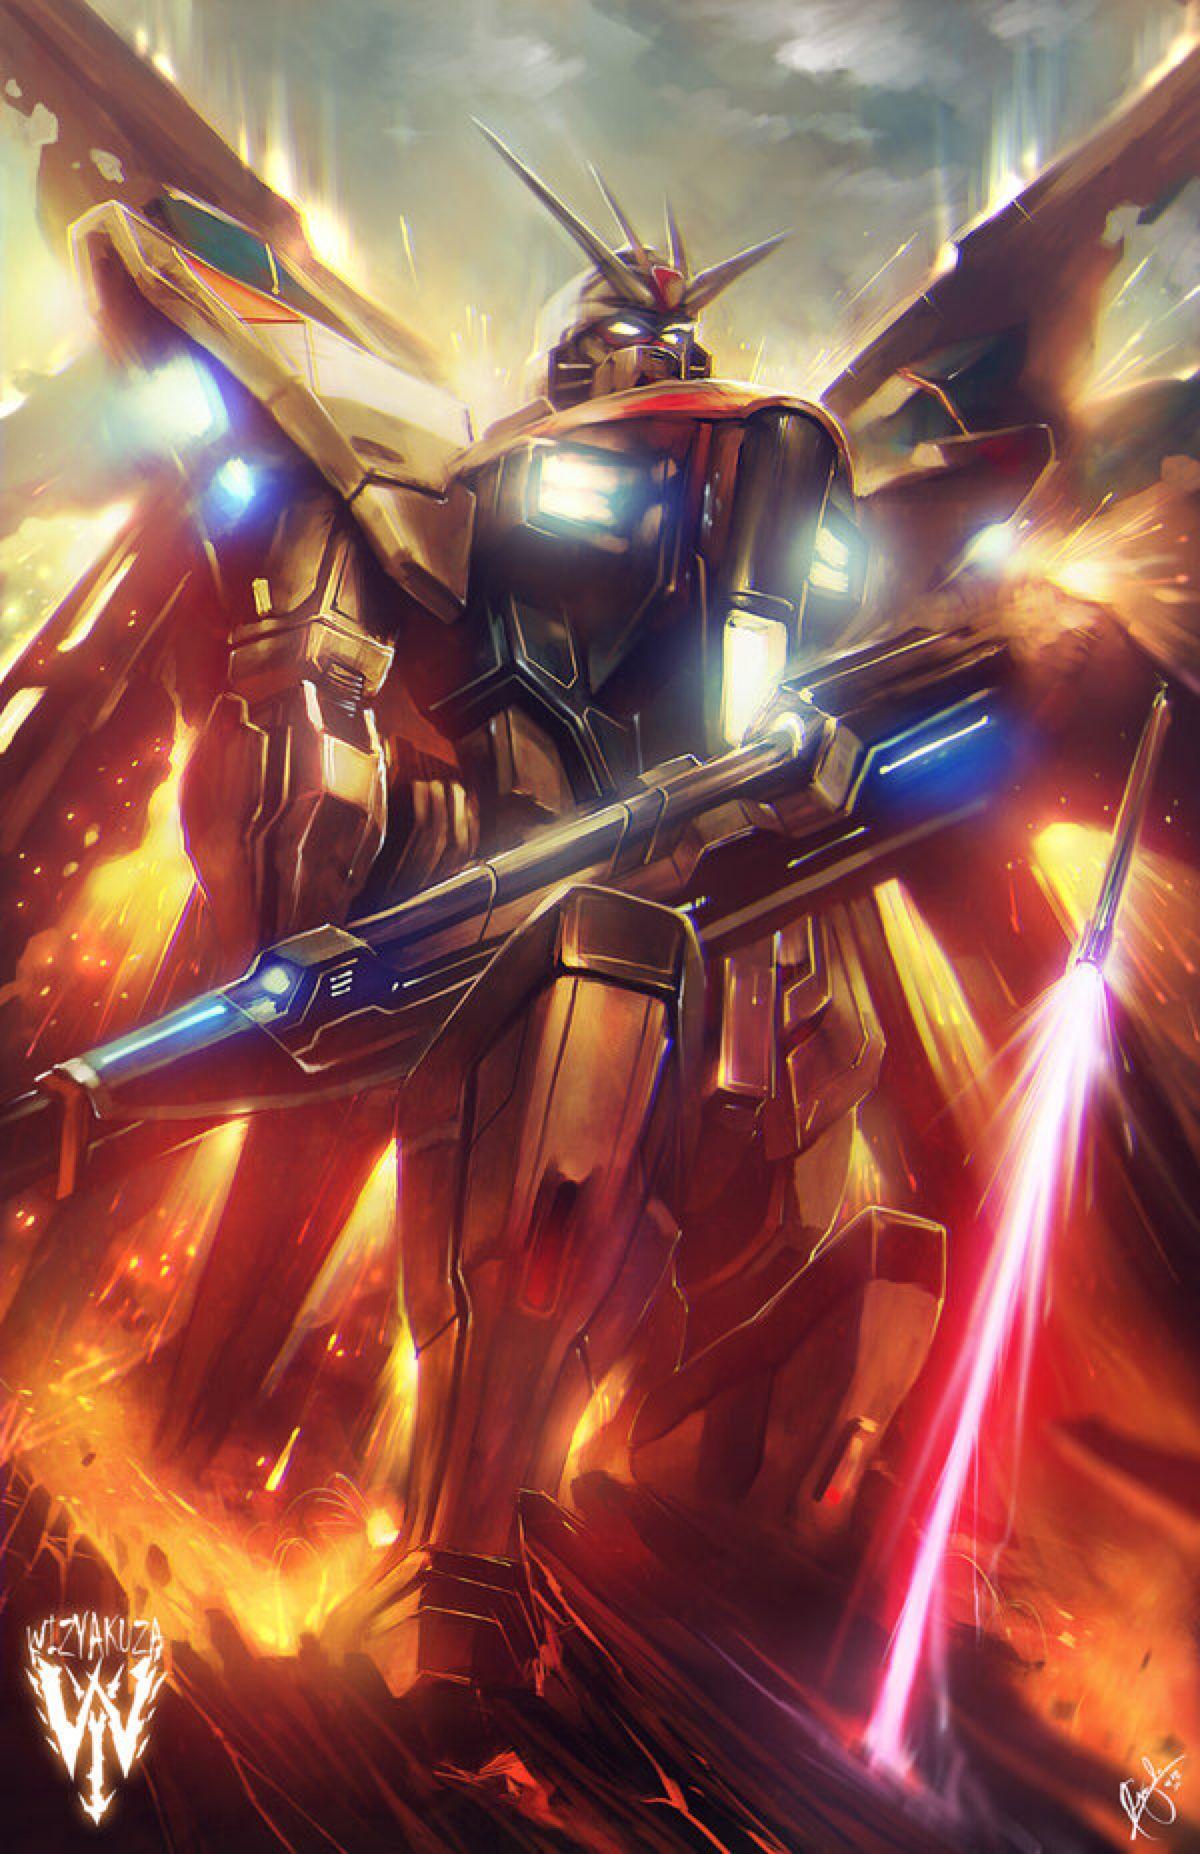 Strike Freedom Gundam Gundam Gundam Wallpapers Gundam Art